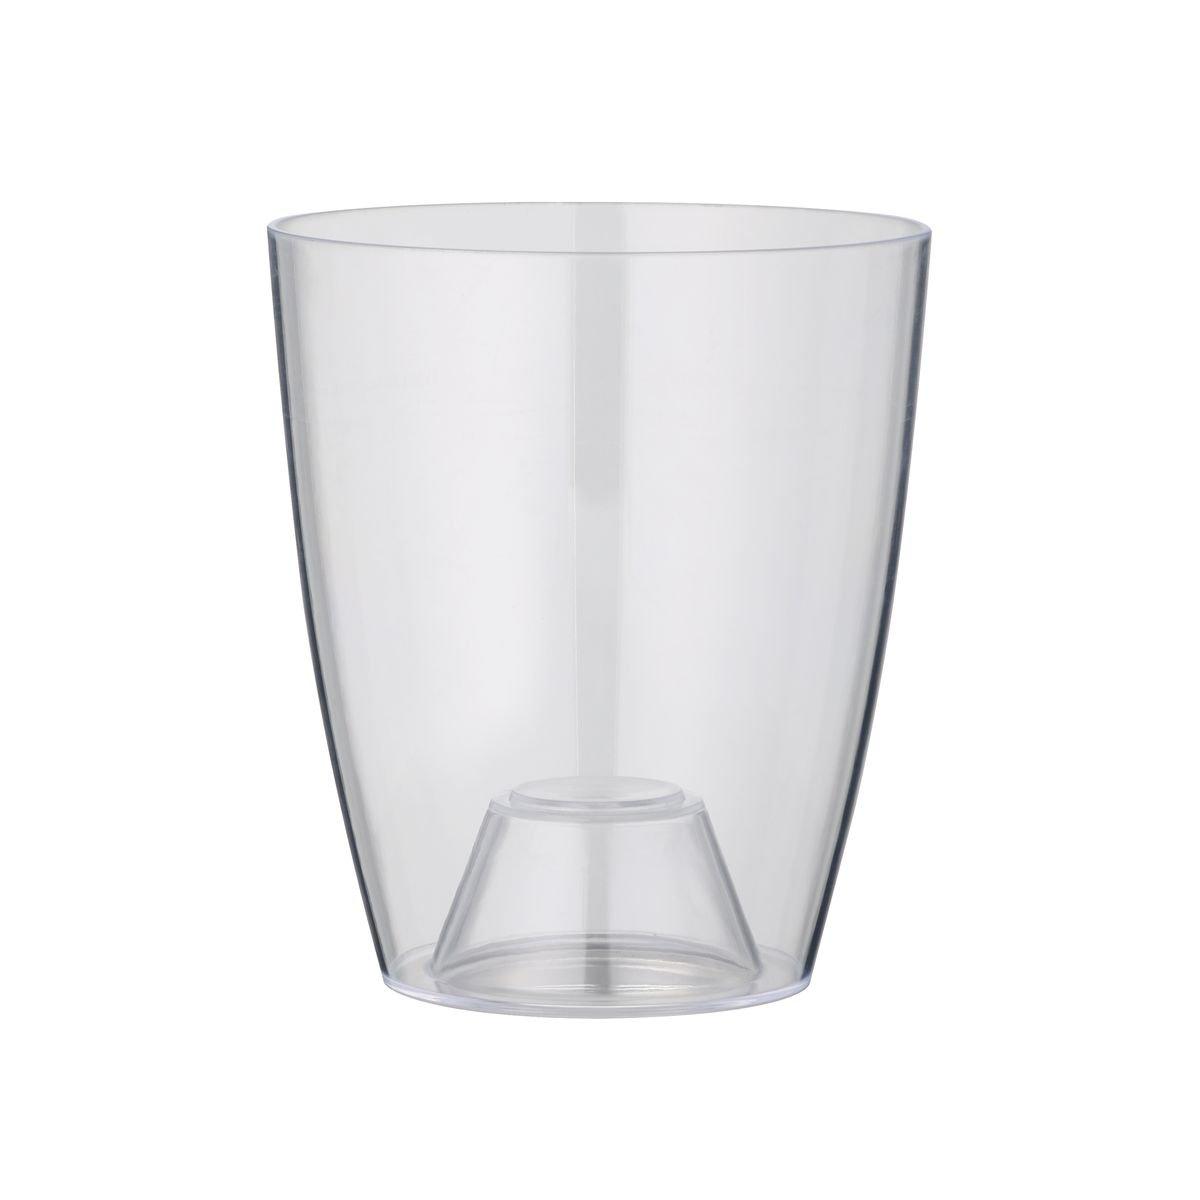 greemotion Pot à orchidée transparent Ornella de 13 cm de diamètre - Pot à fleurs élégant en plastique pour l'intérieur - Petit pot de fleurs zen aux lignes modernes Testrut DE GmbH 124378